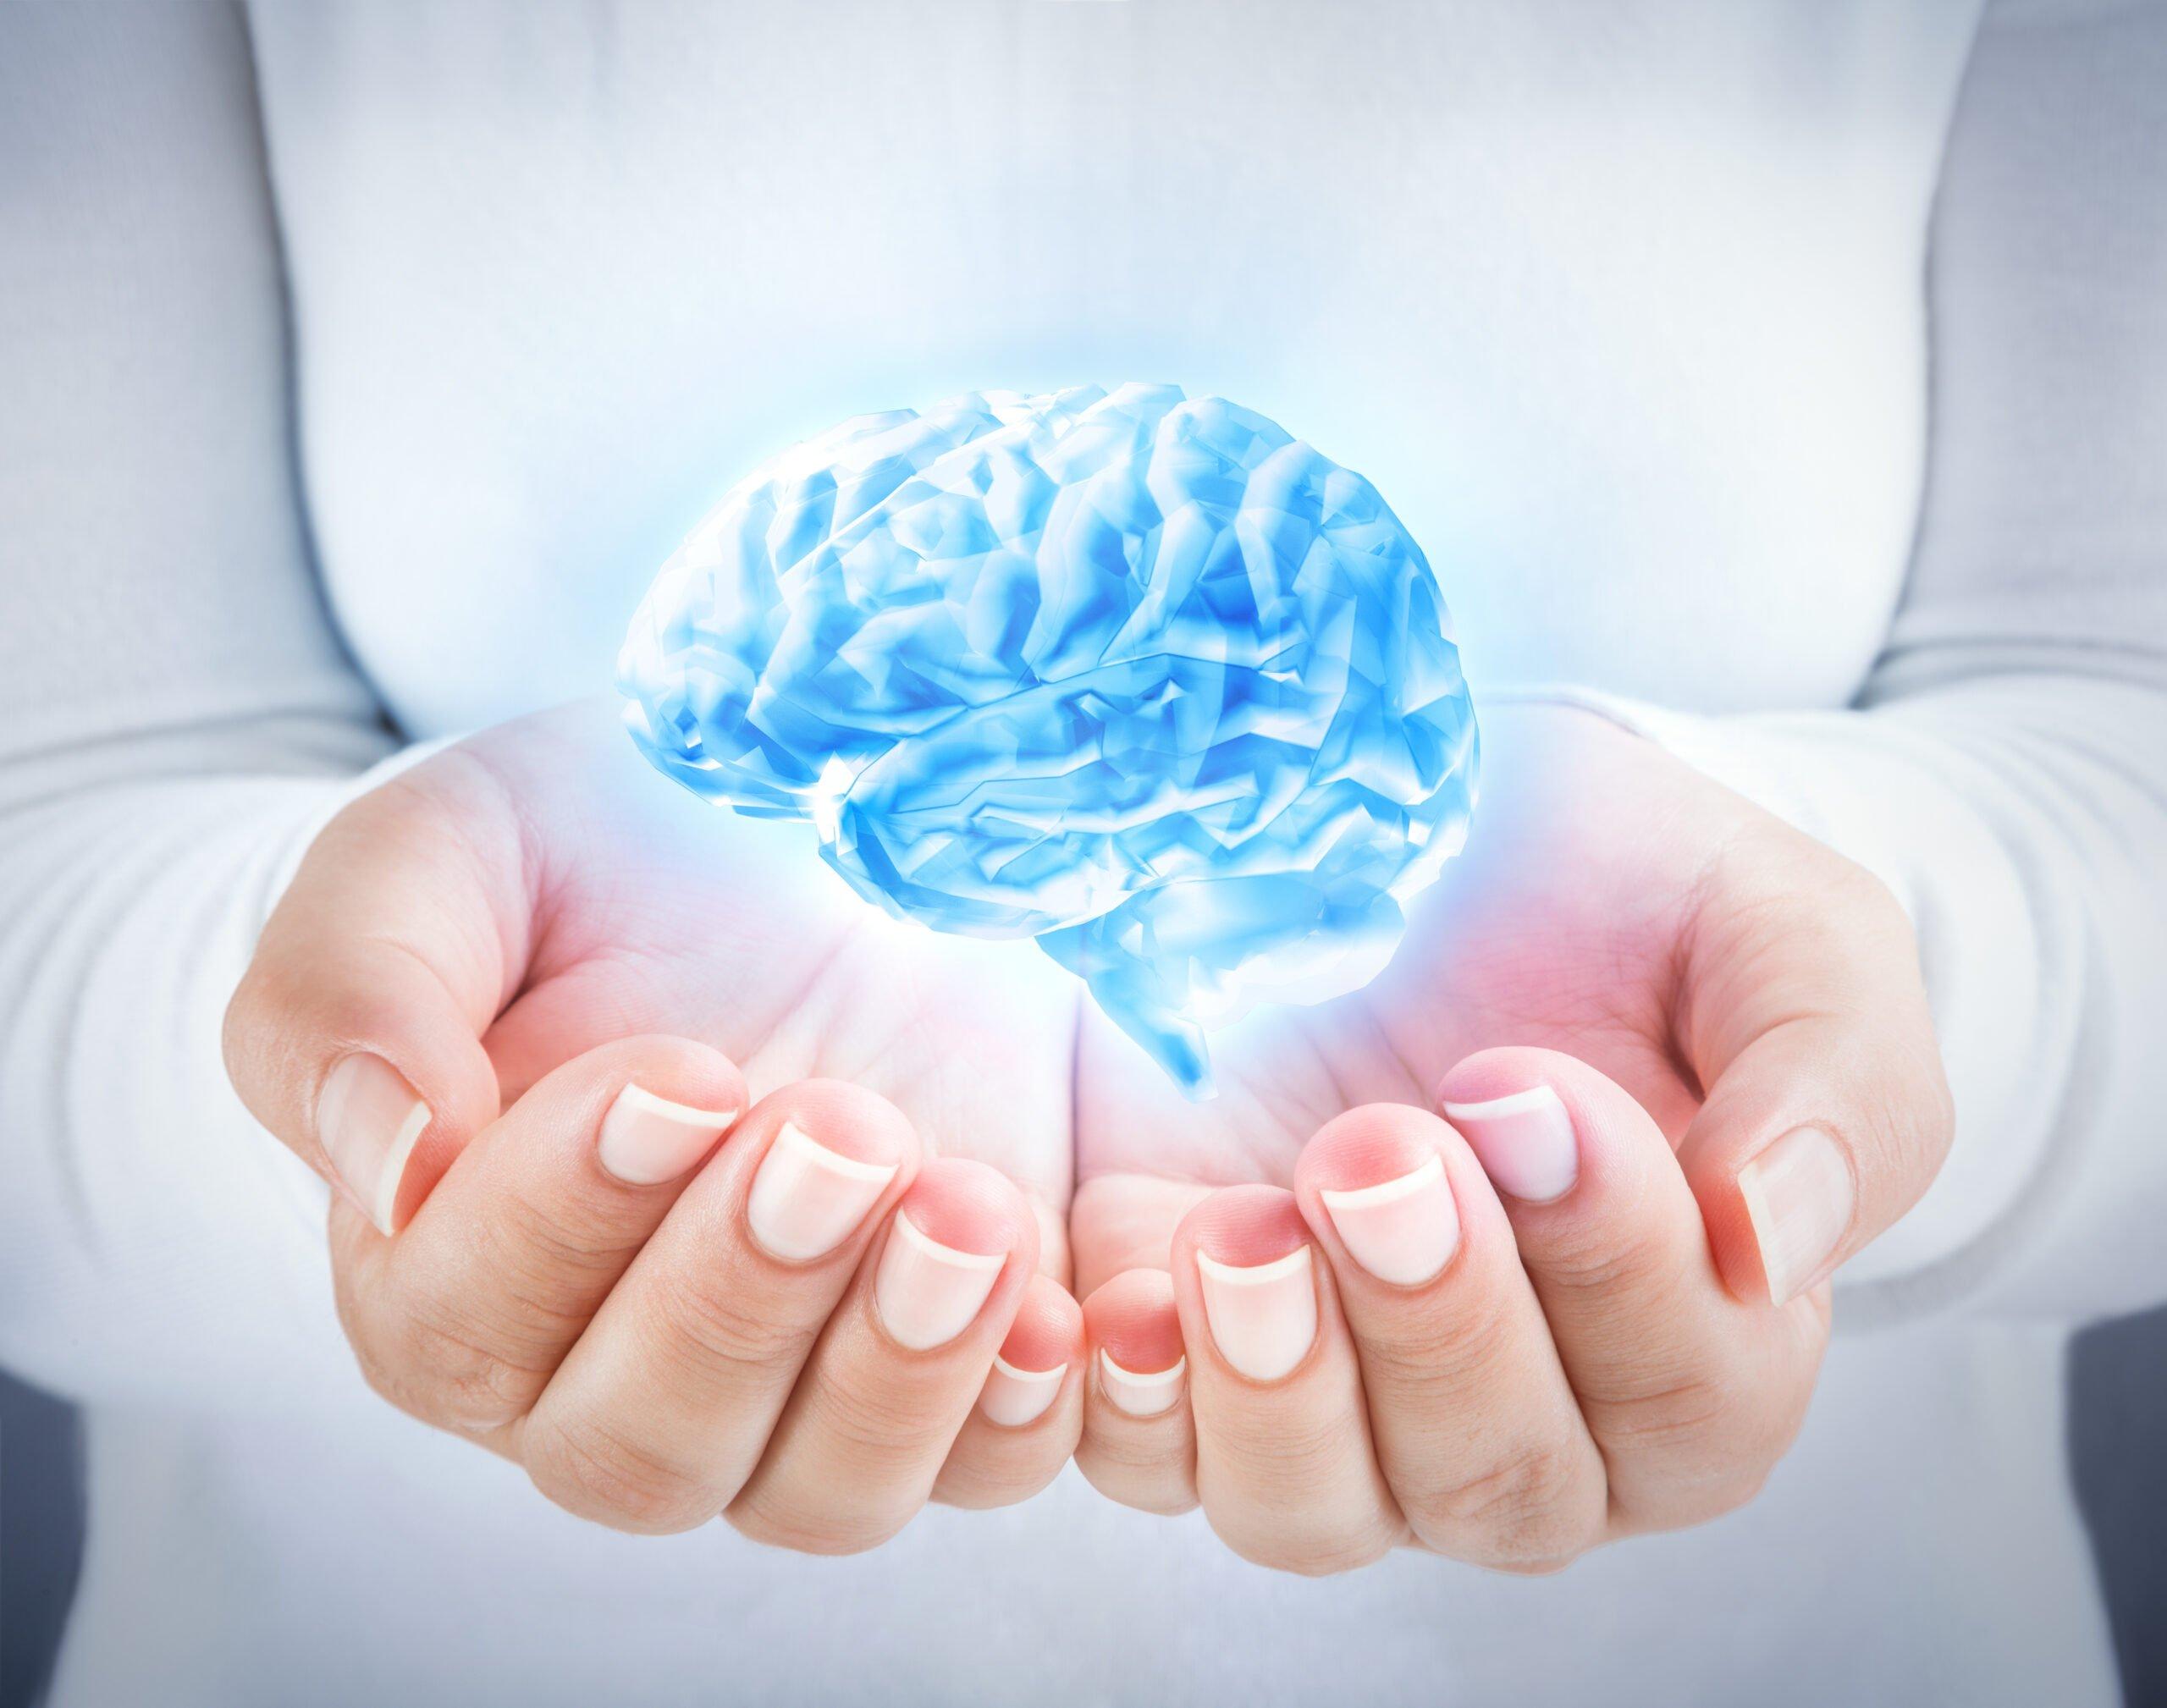 Attachment and Brain Development: Middle Prefrontal Cortex